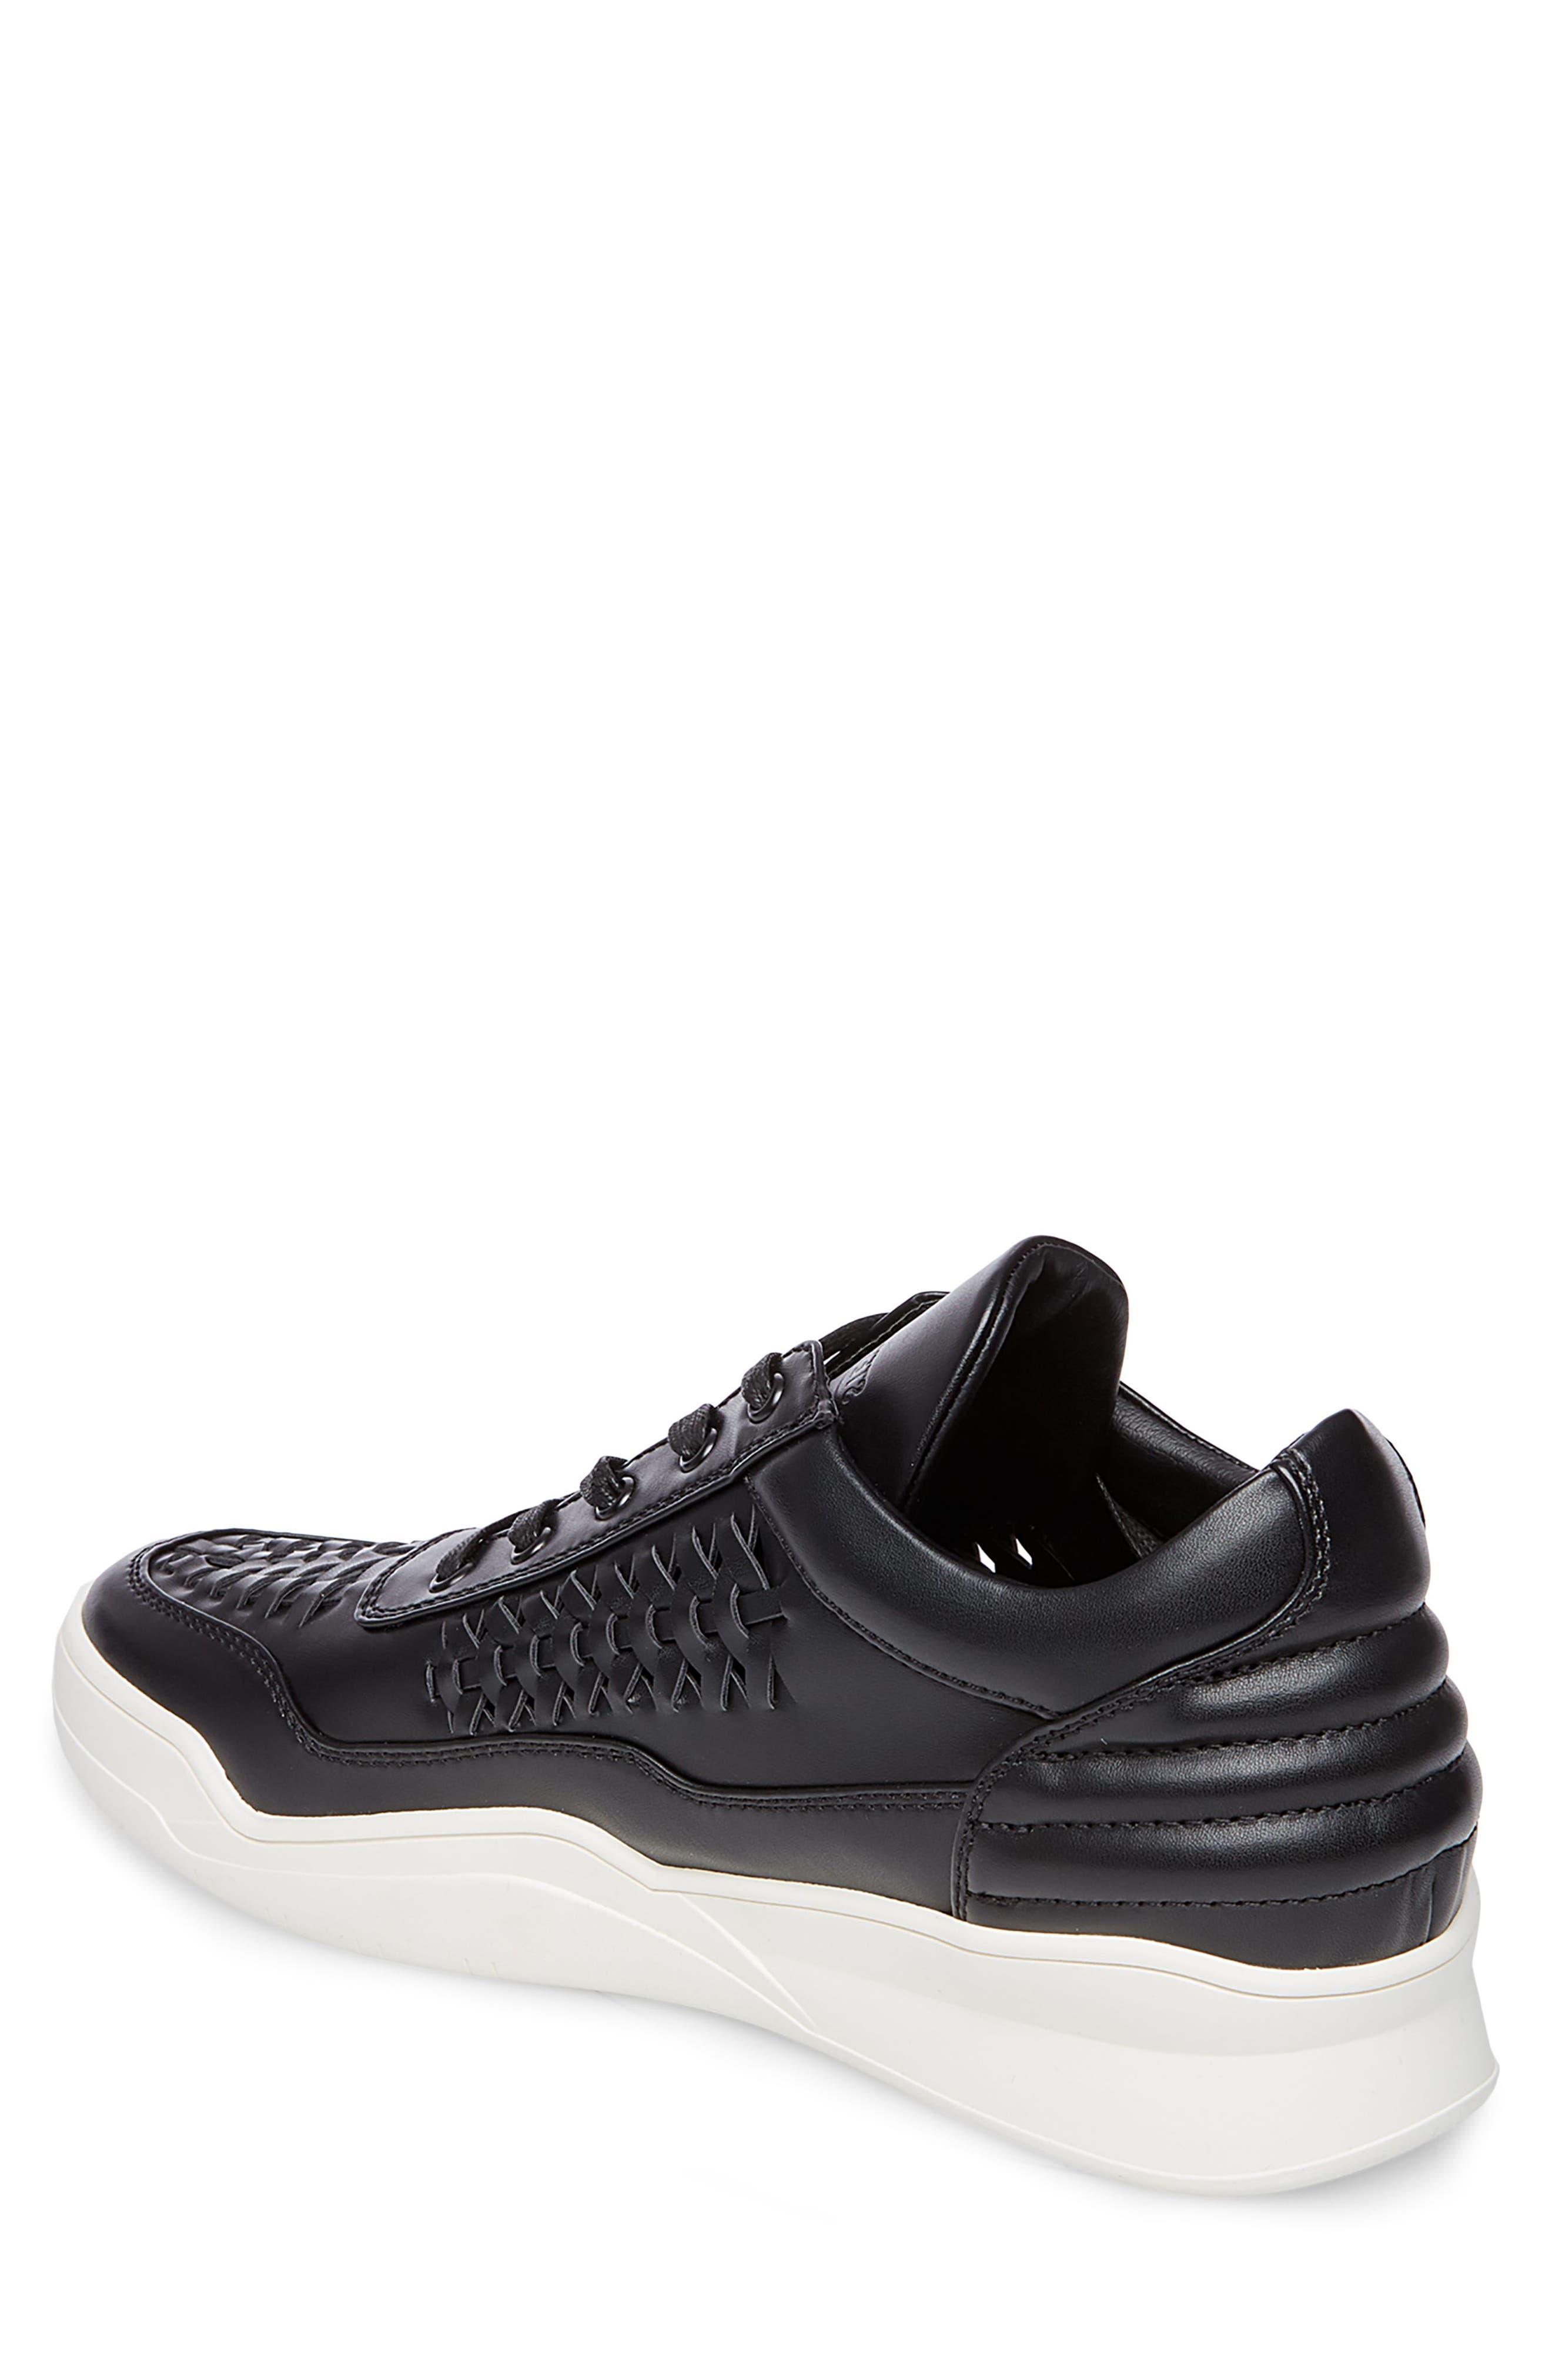 Alternate Image 2  - Steve Madden Valor Sneaker (Men)